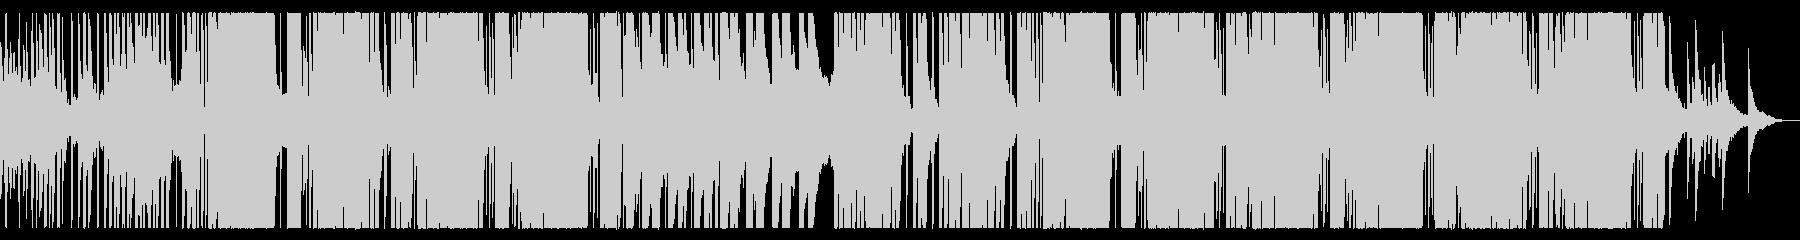 夏の最強BGM!トロピカル•ハウスEDMの未再生の波形